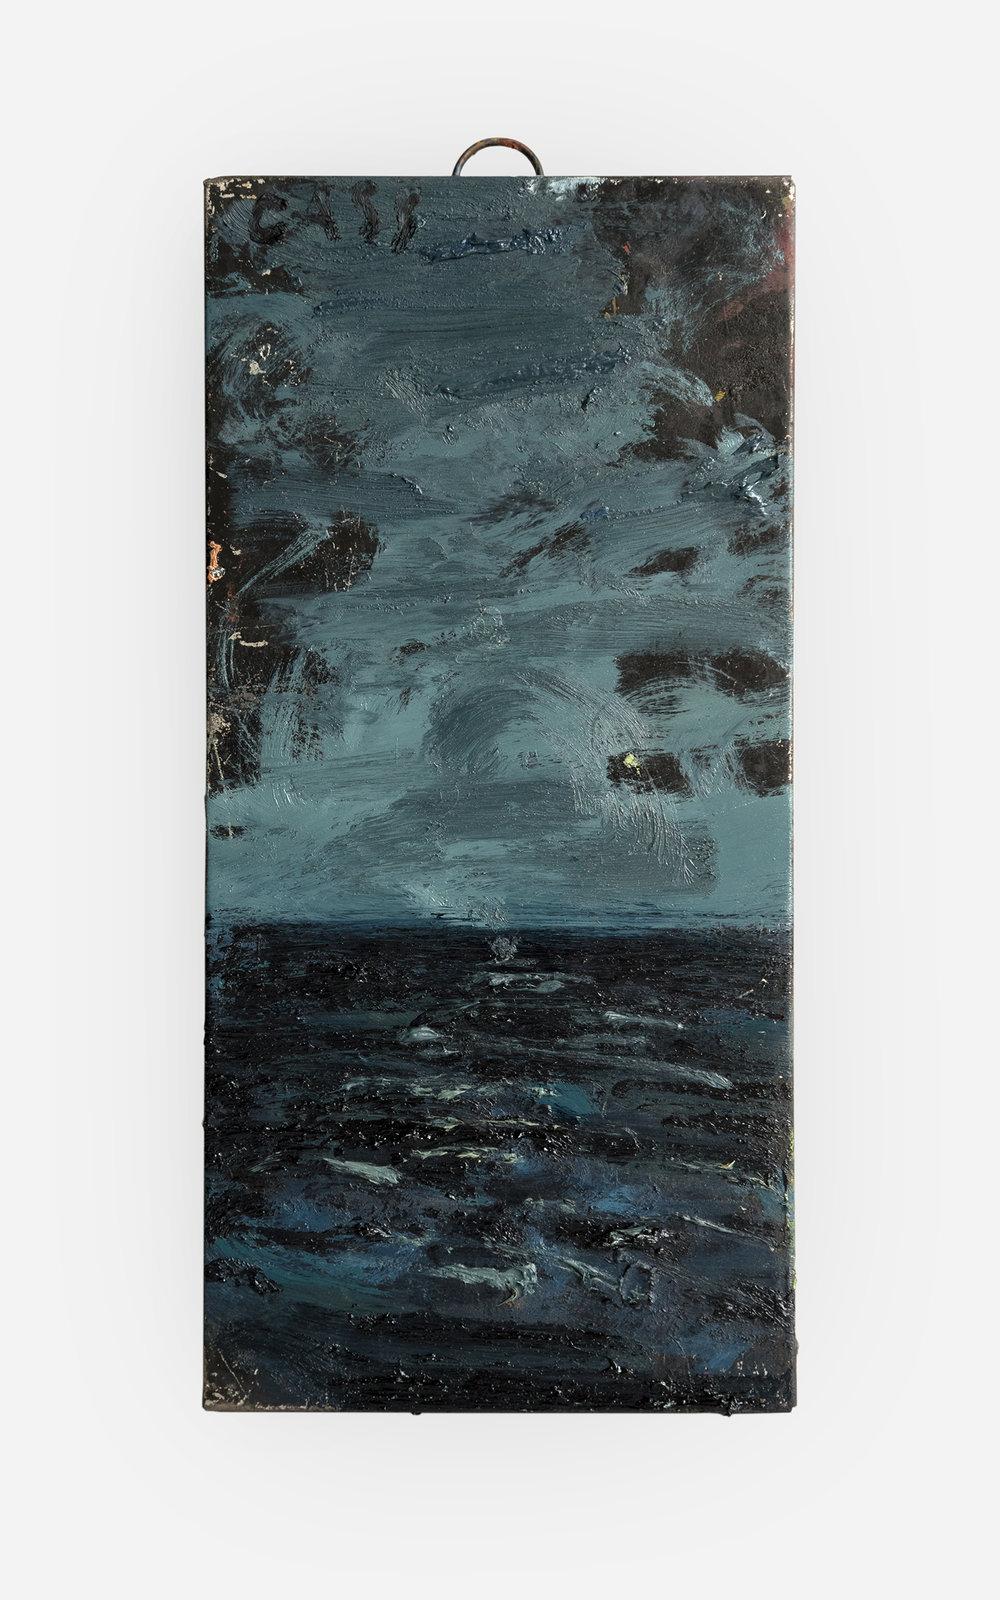 37%  2018 Oil on artist's box · 25 x 12 cm (framed) · Sold